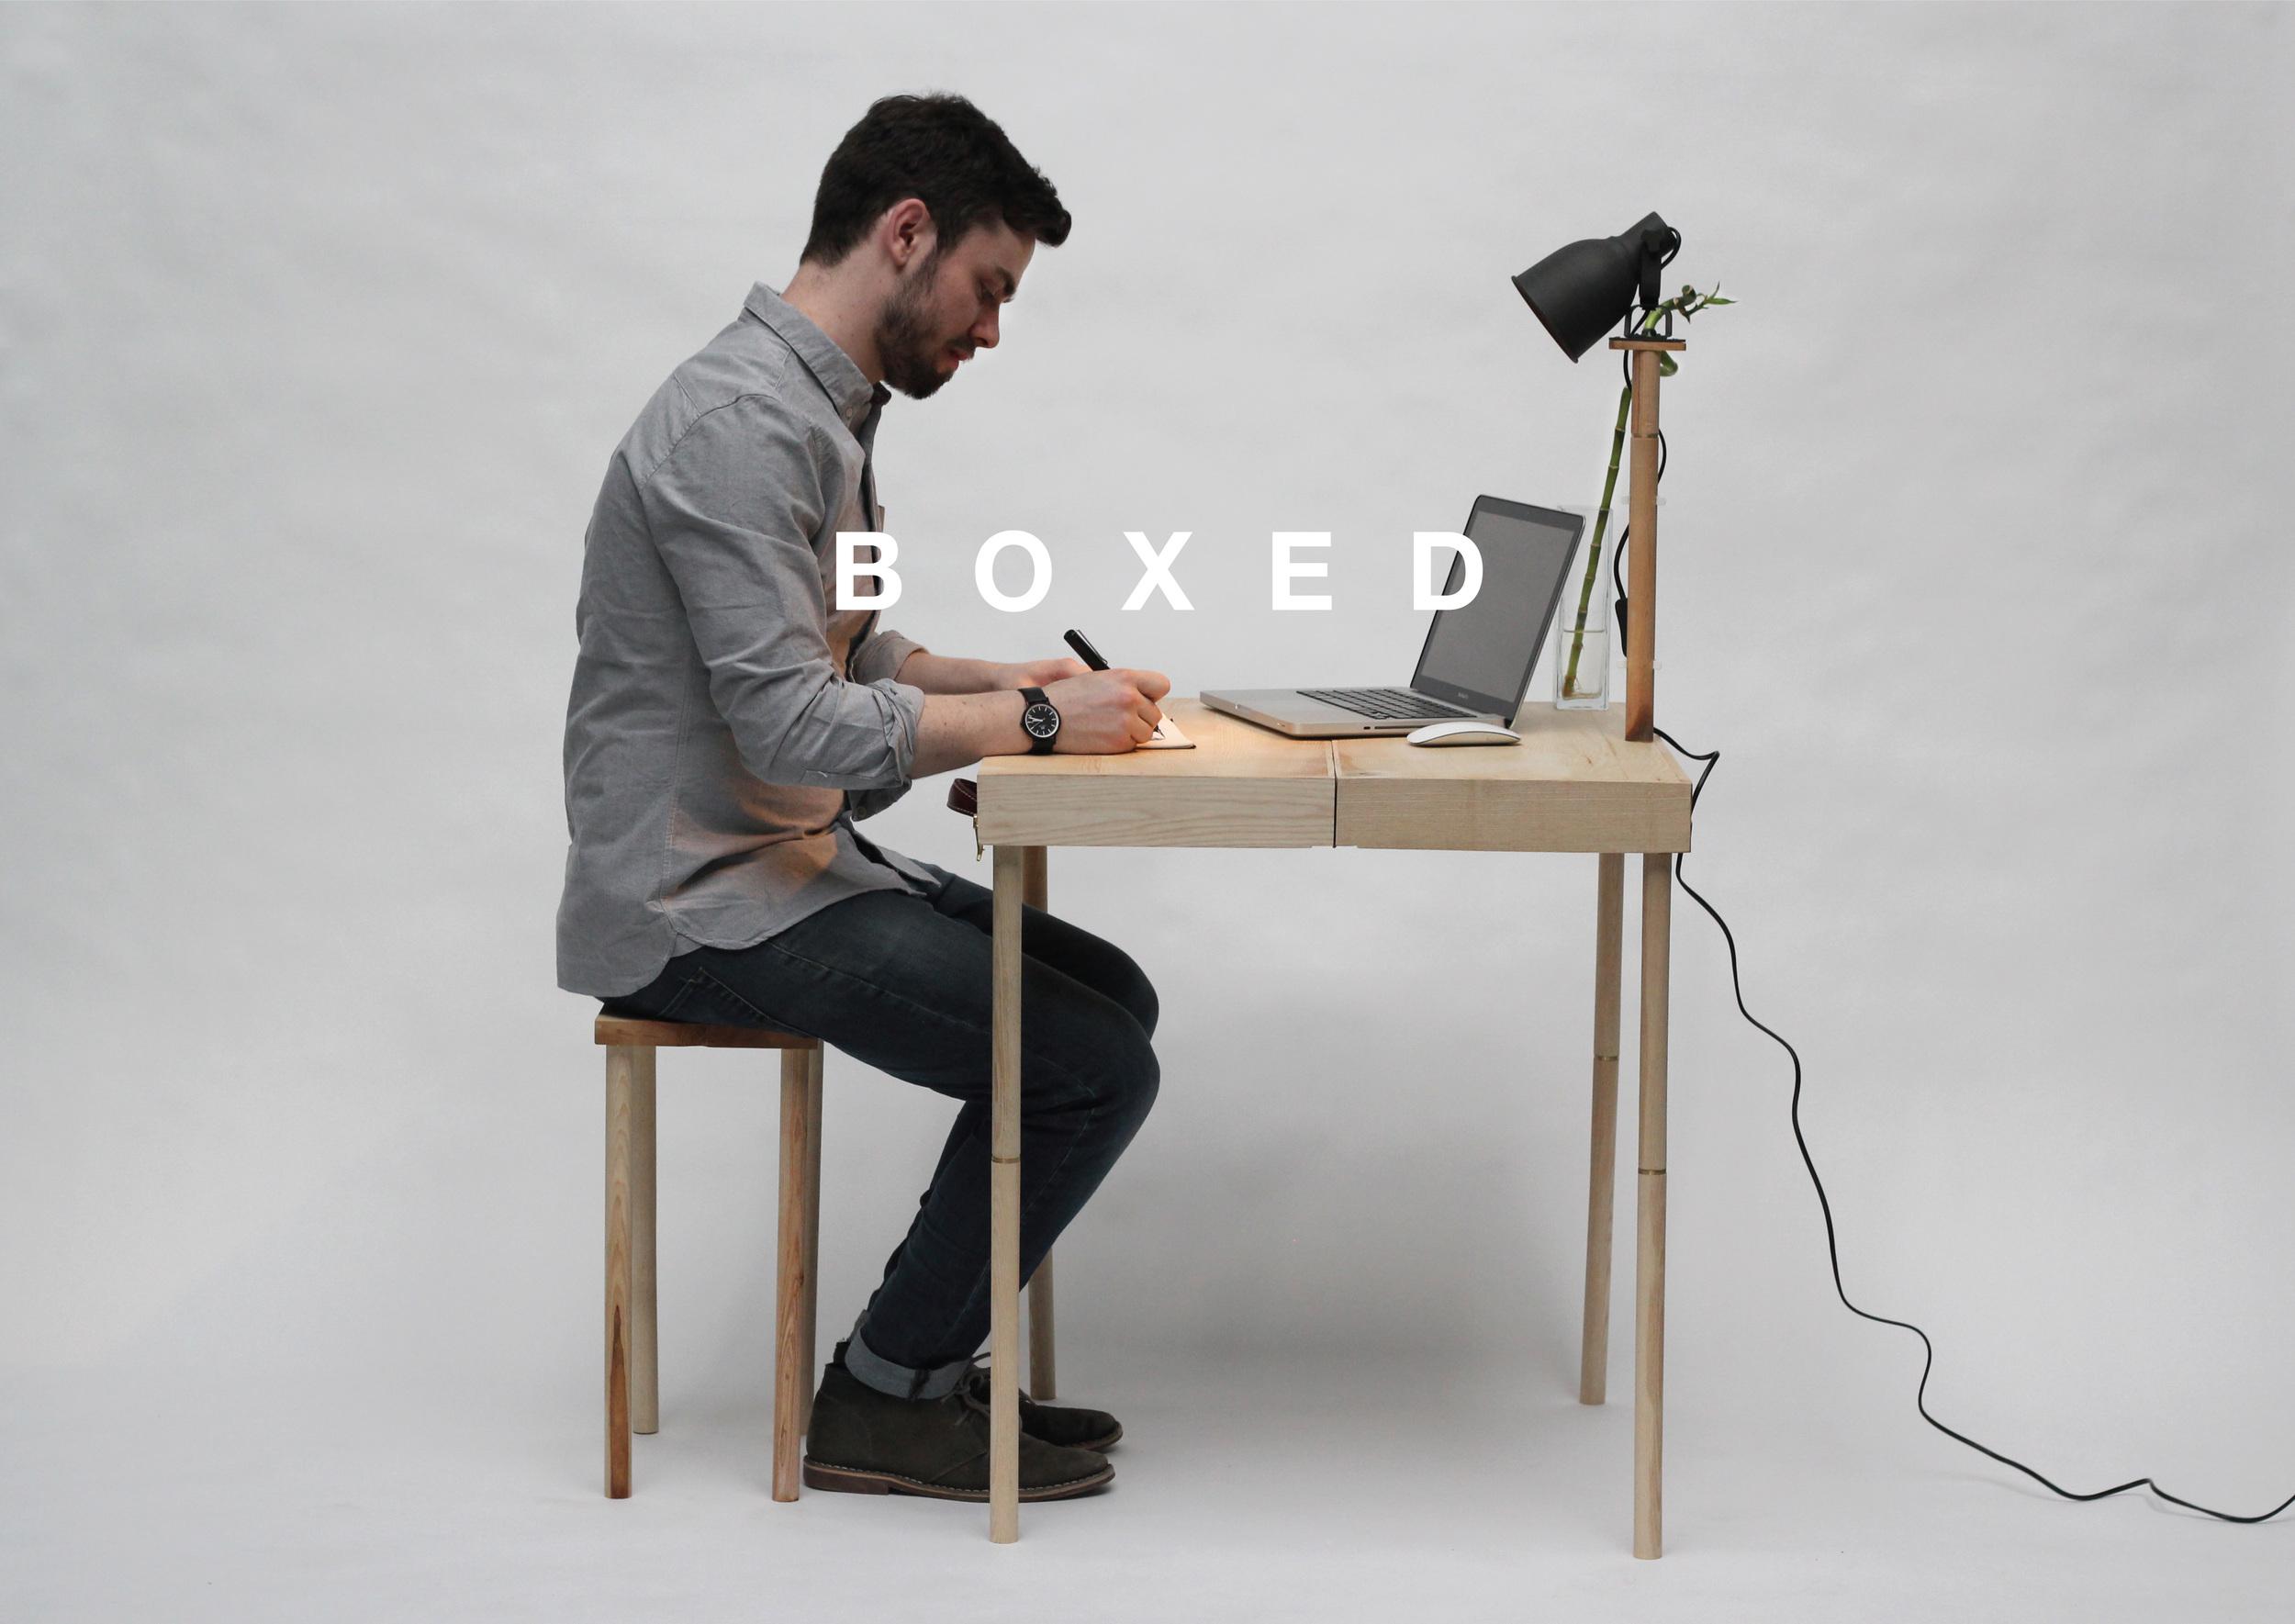 Boxed.jpg